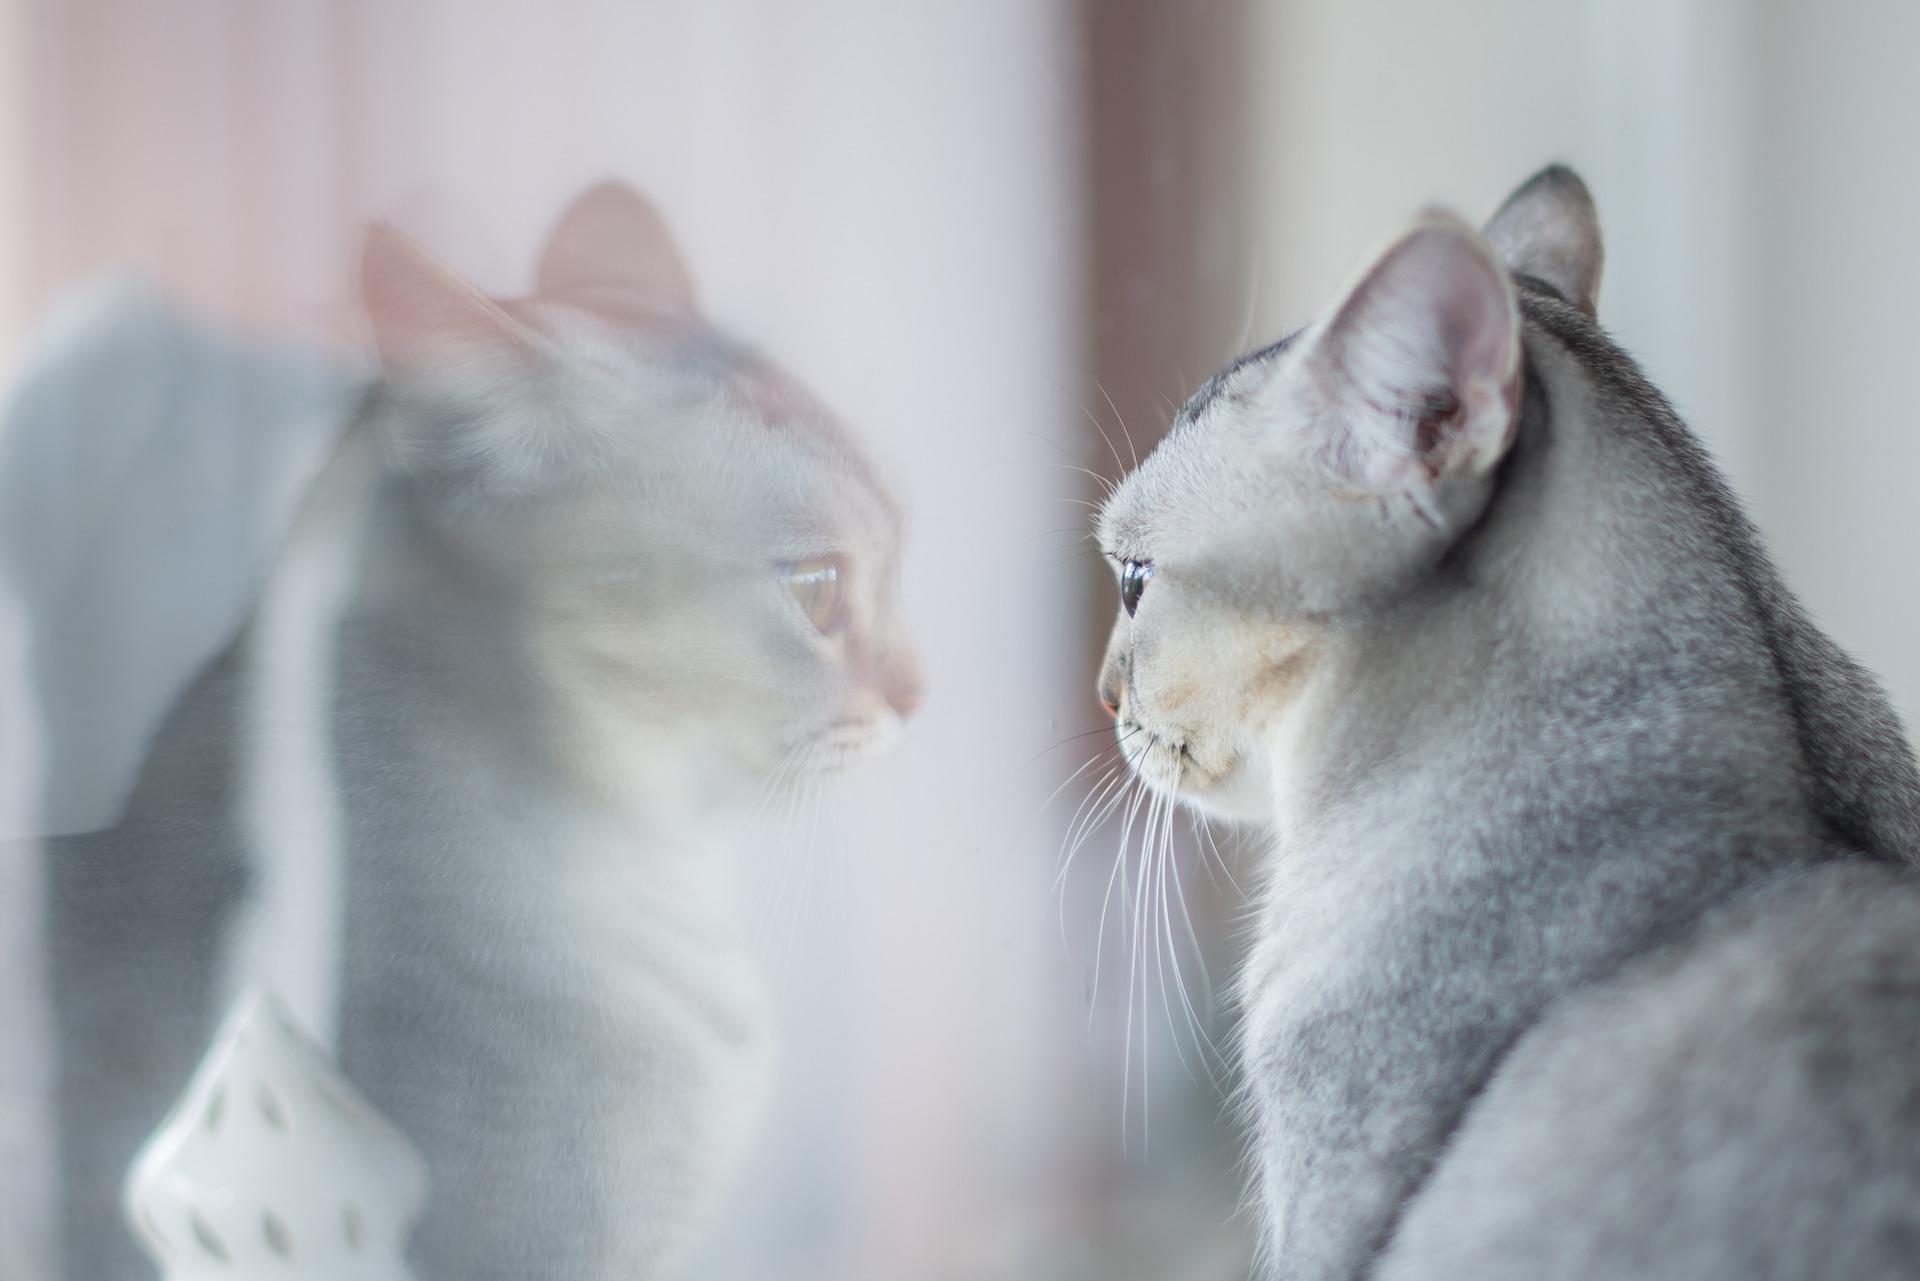 hình ảnh mèo dễ thương, ngộ nghĩnh 11